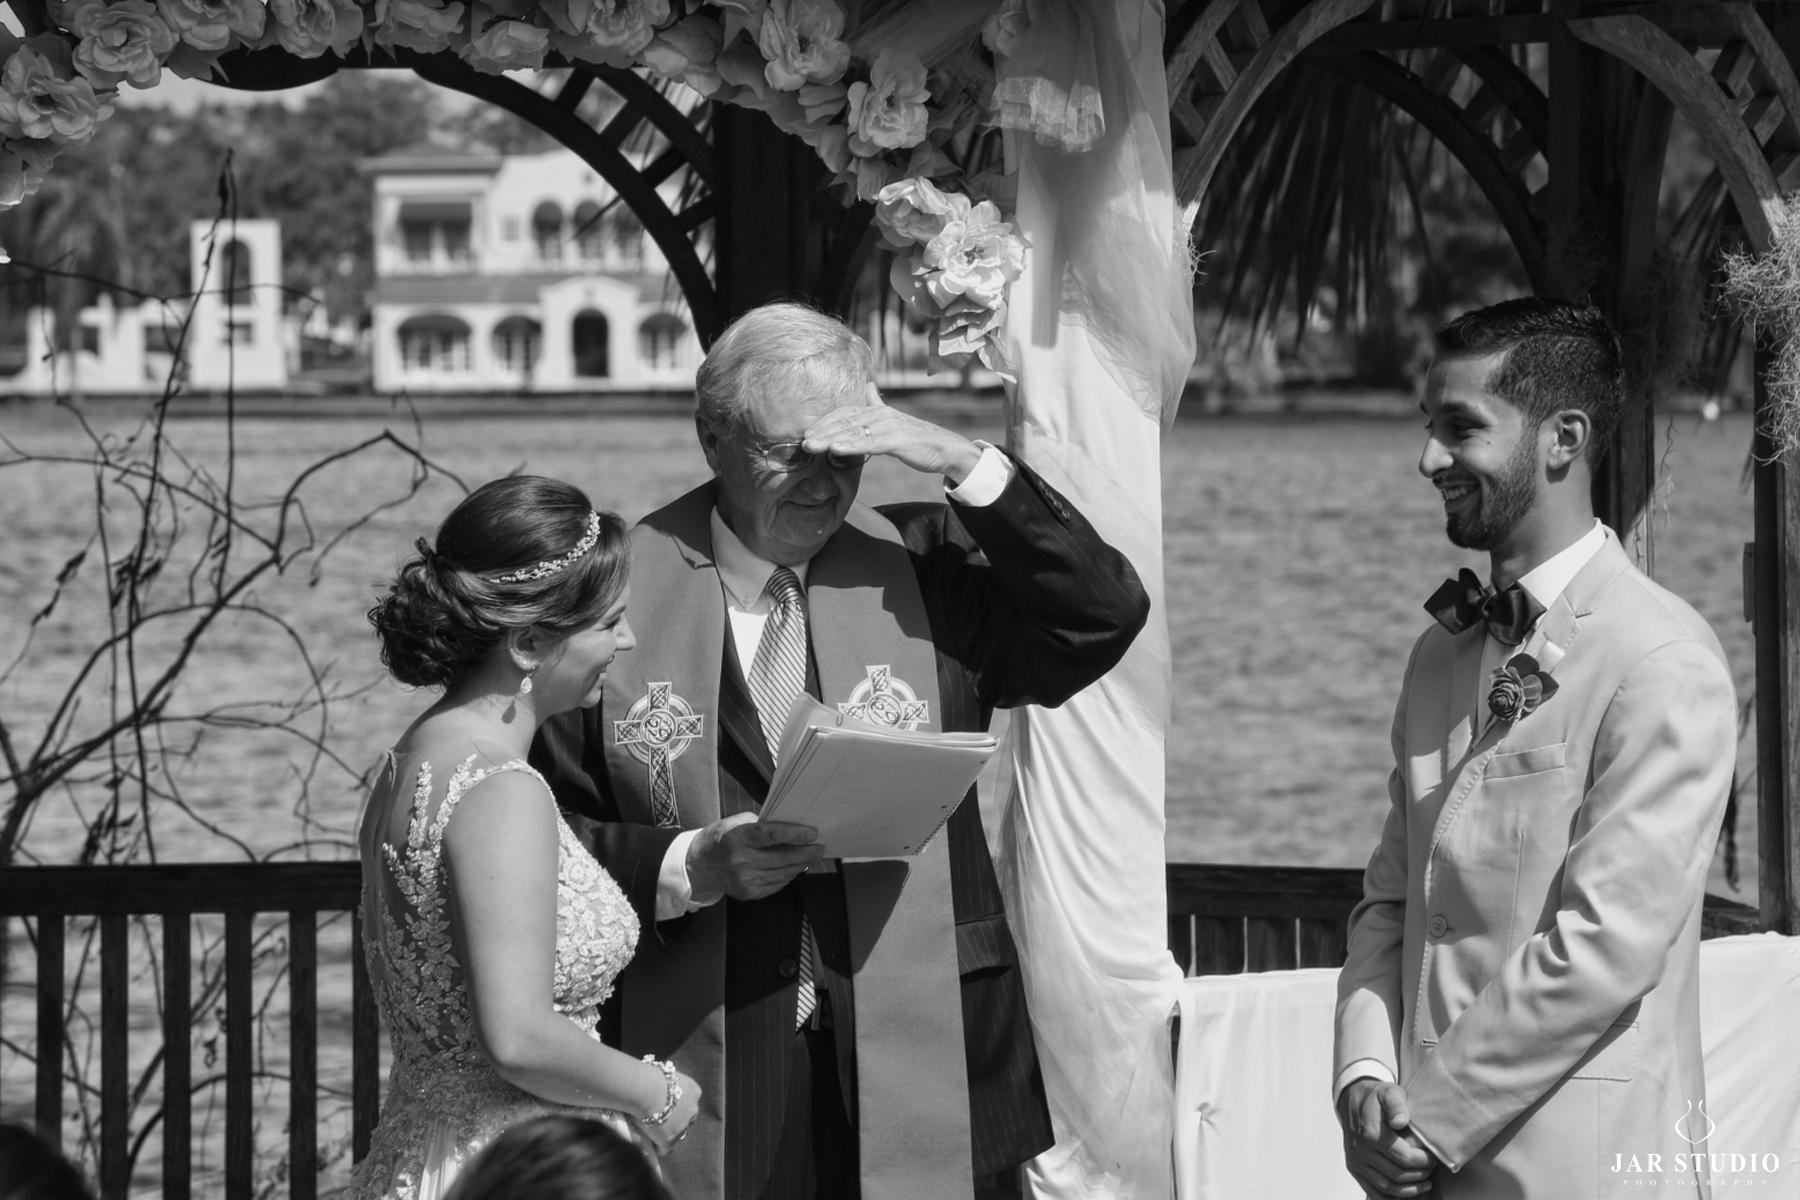 jarstudio-wedding-photographer-130.JPG